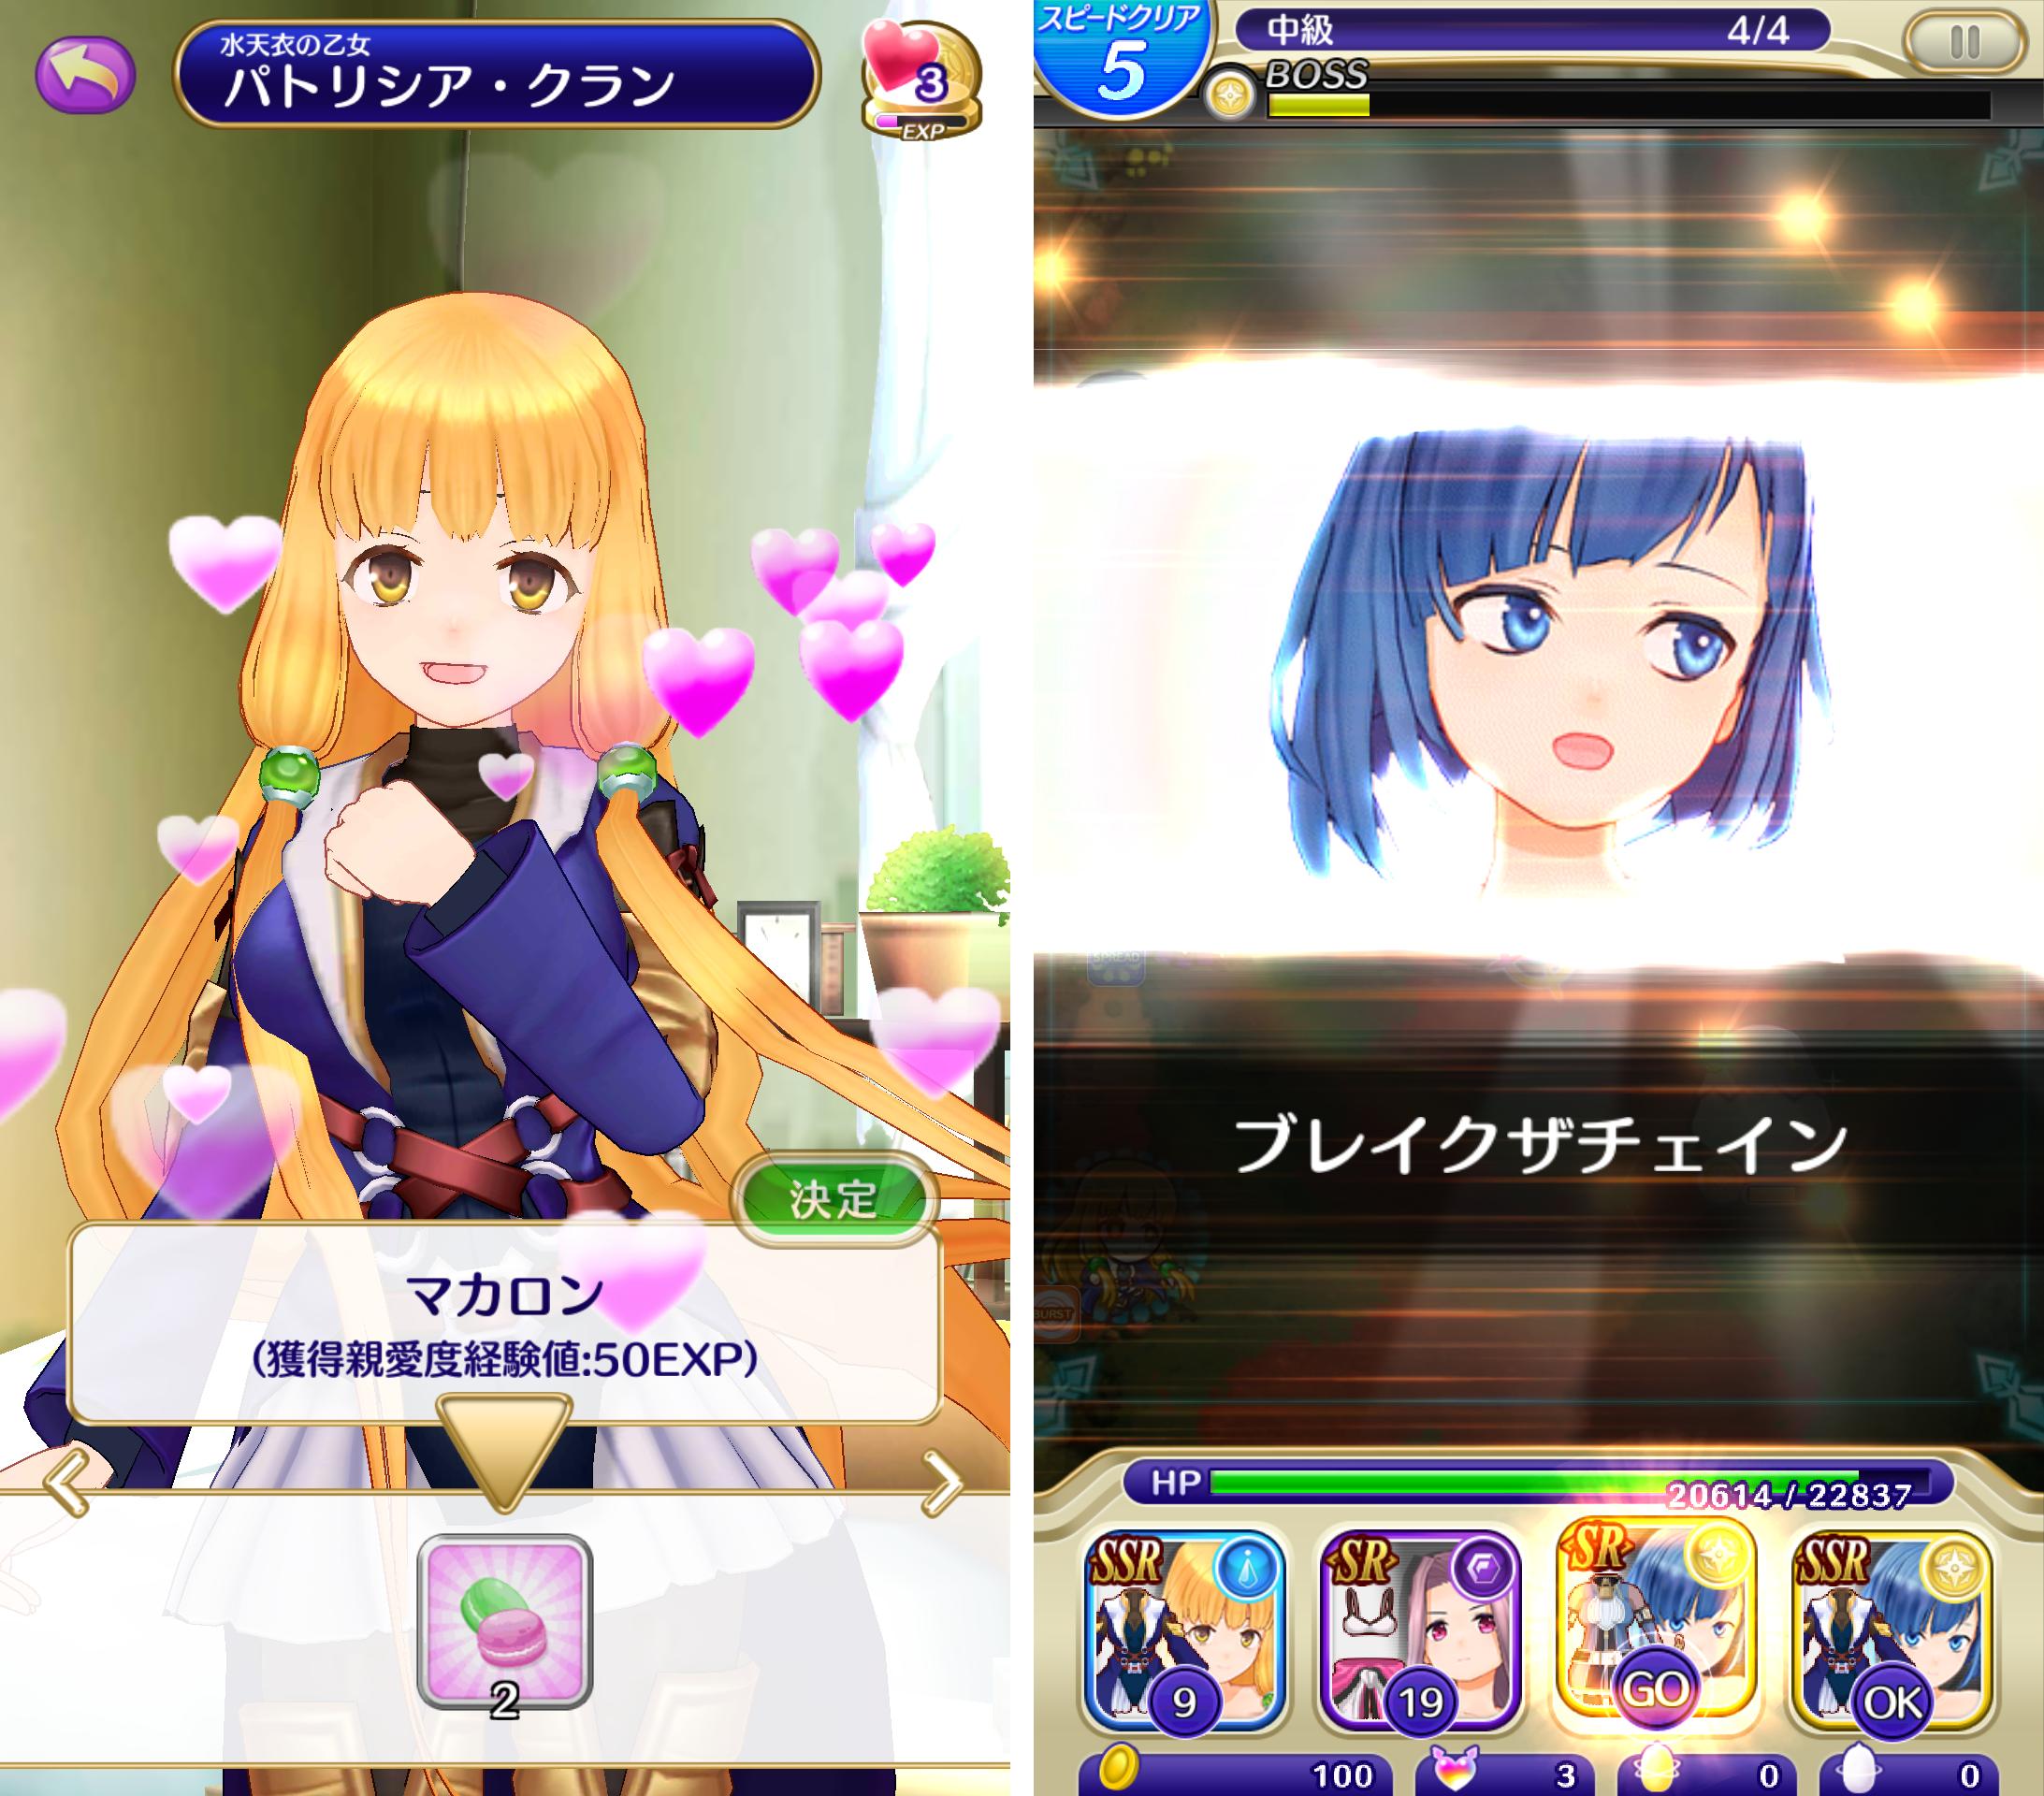 天衣創聖ストライクガールズ androidアプリスクリーンショット3